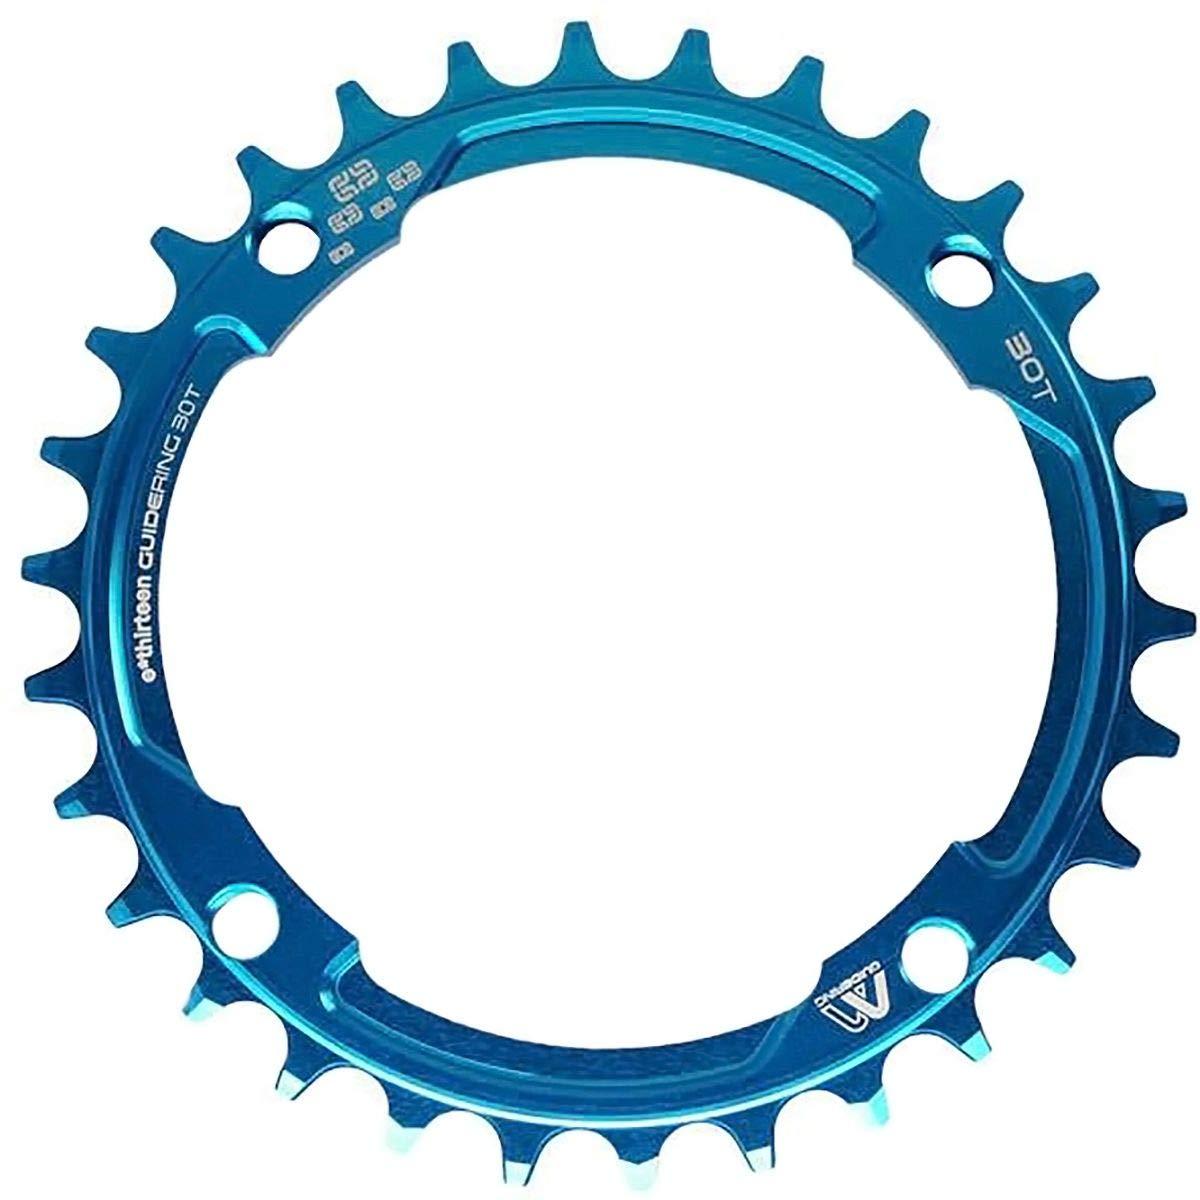 E13 CR. m-104.34 Tablett Fahrrad -